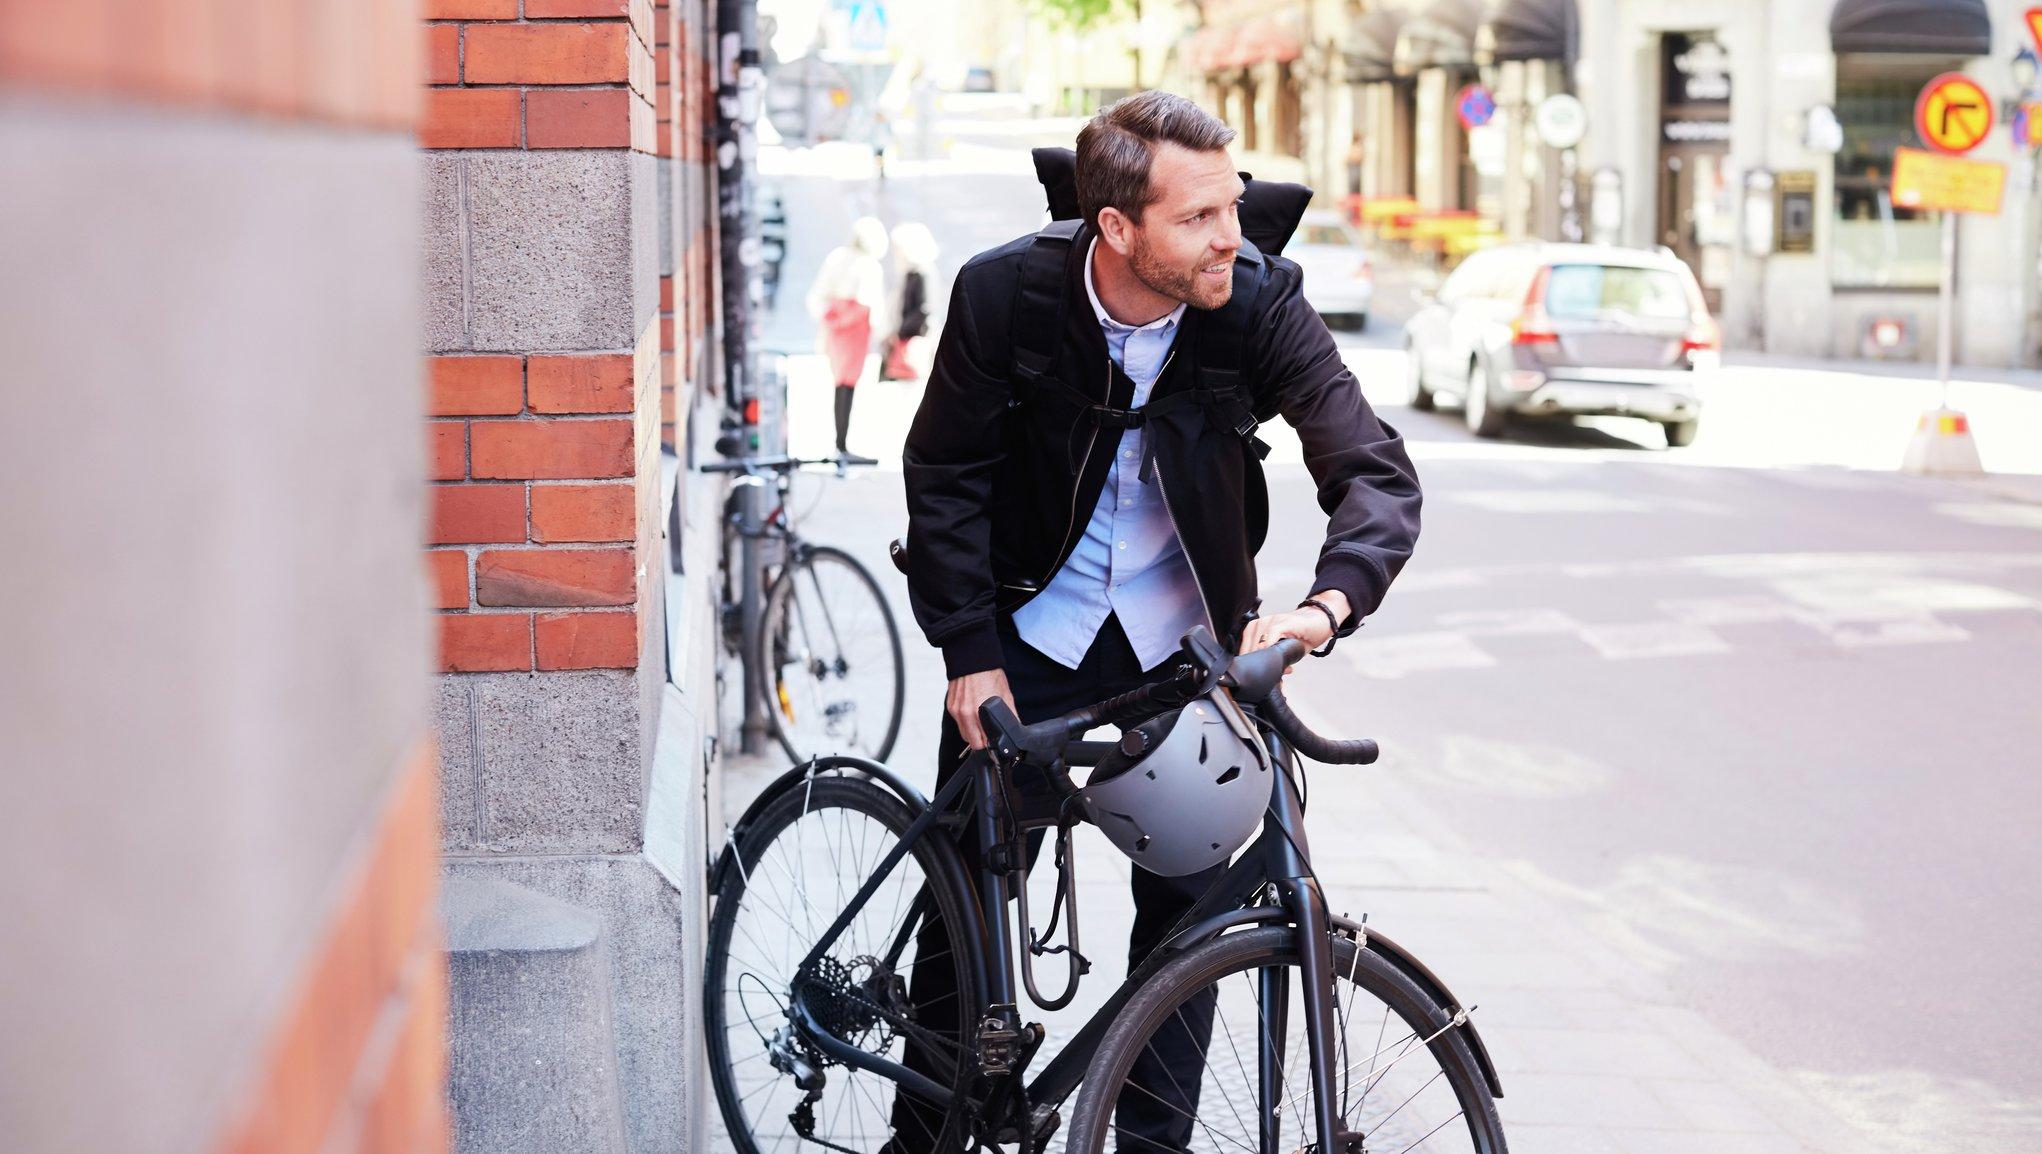 Mies on lähdössä polkupyörän kanssa liikkeelle kadulla